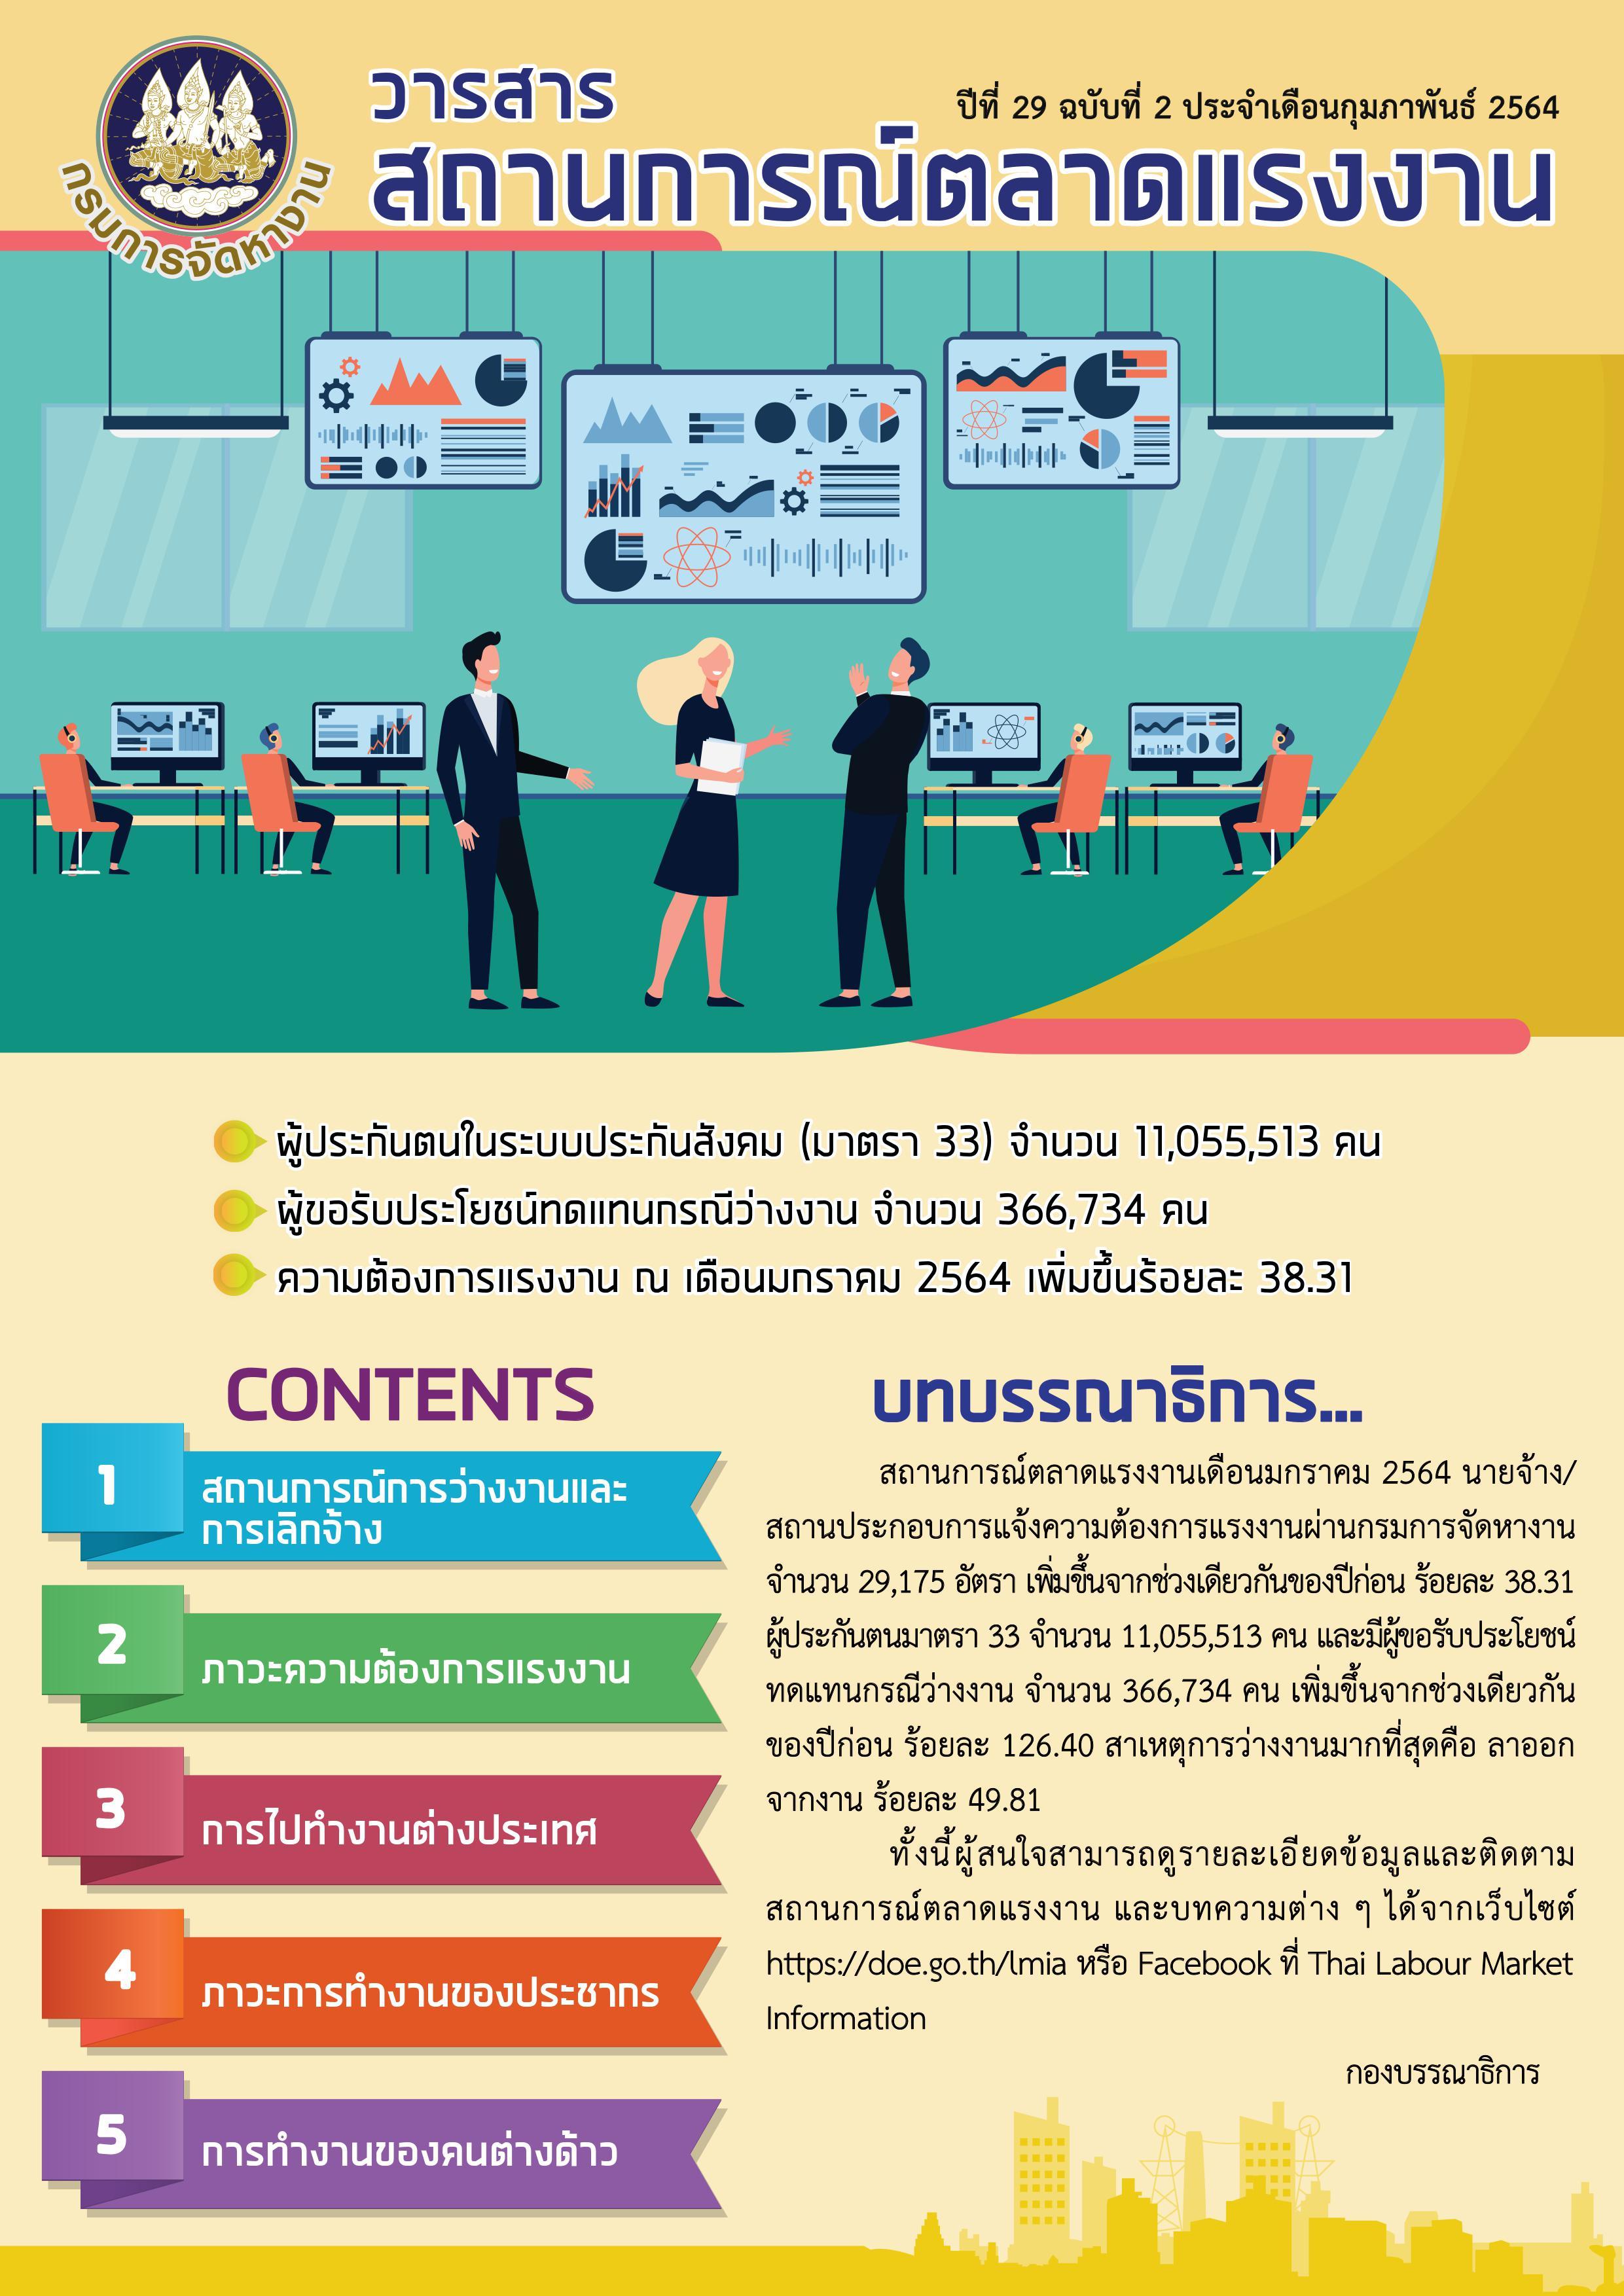 วารสารสถานการณ์ตลาดแรงงานประจำเดือนกุมภาพันธ์ 2564